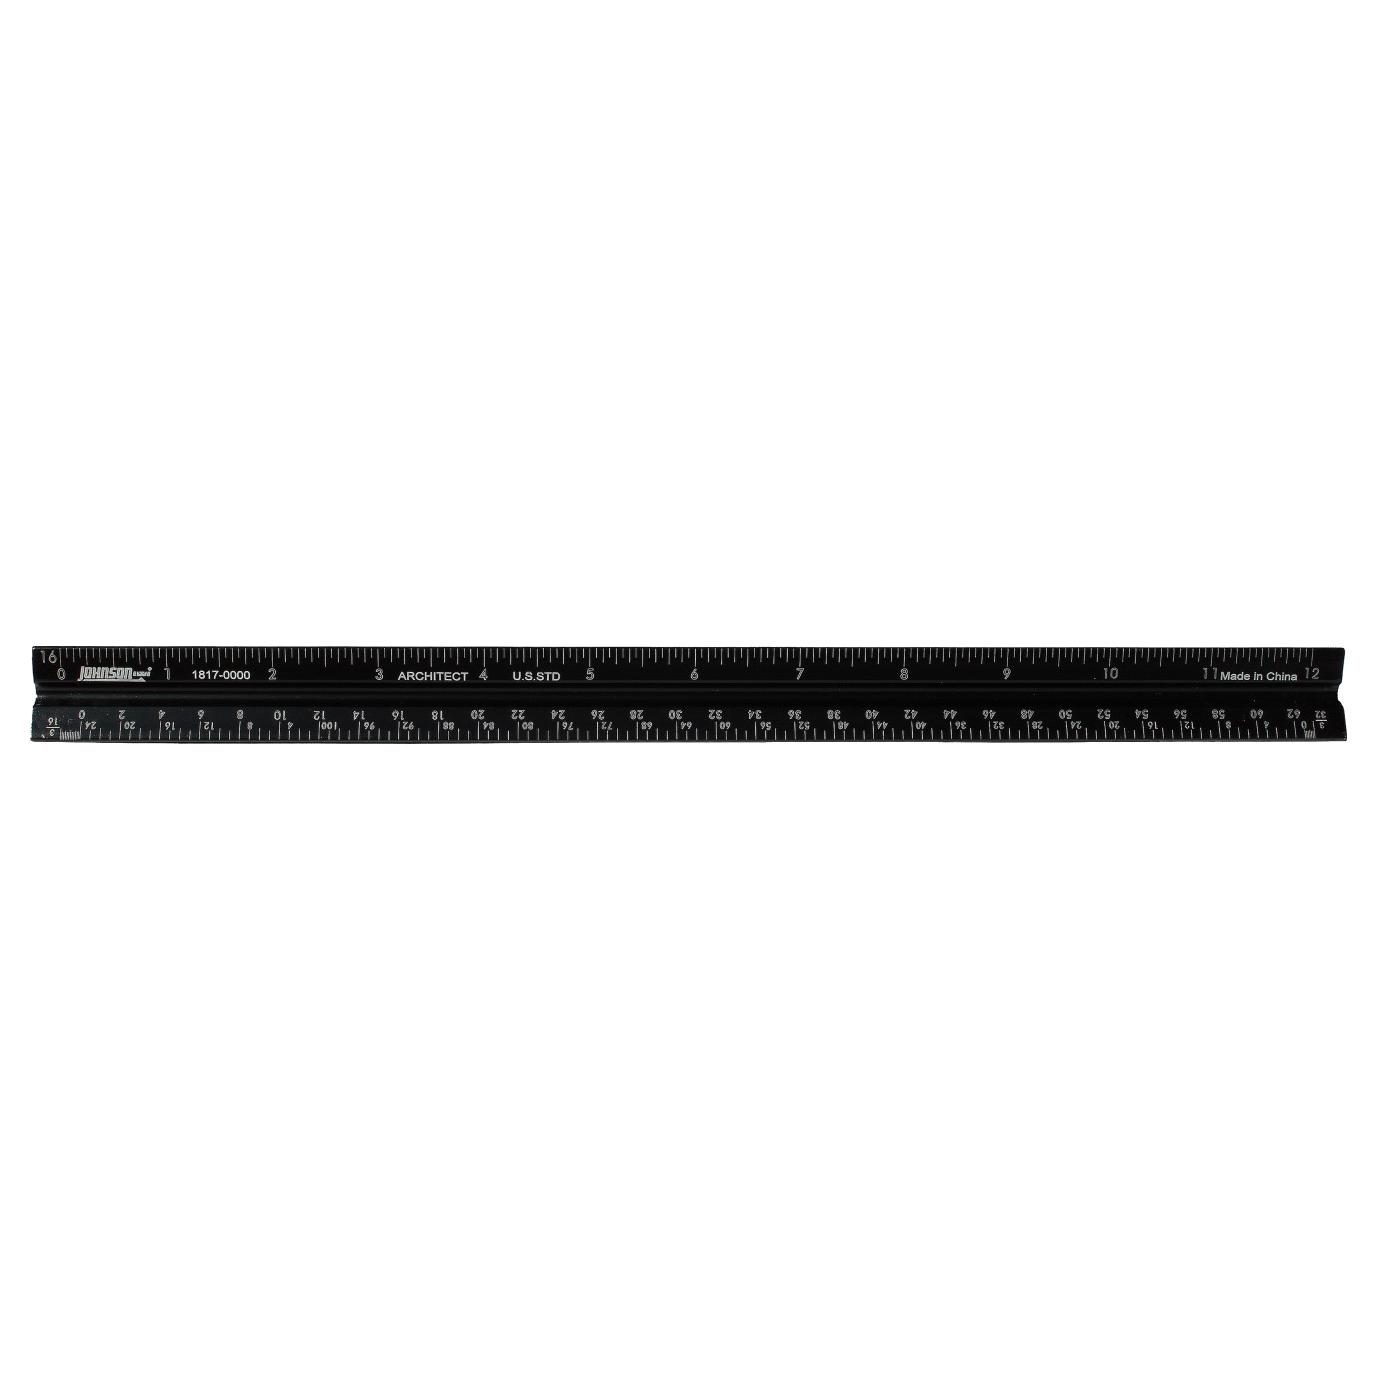 Aluminum inch metric meterstick. Clipart ruler metre ruler